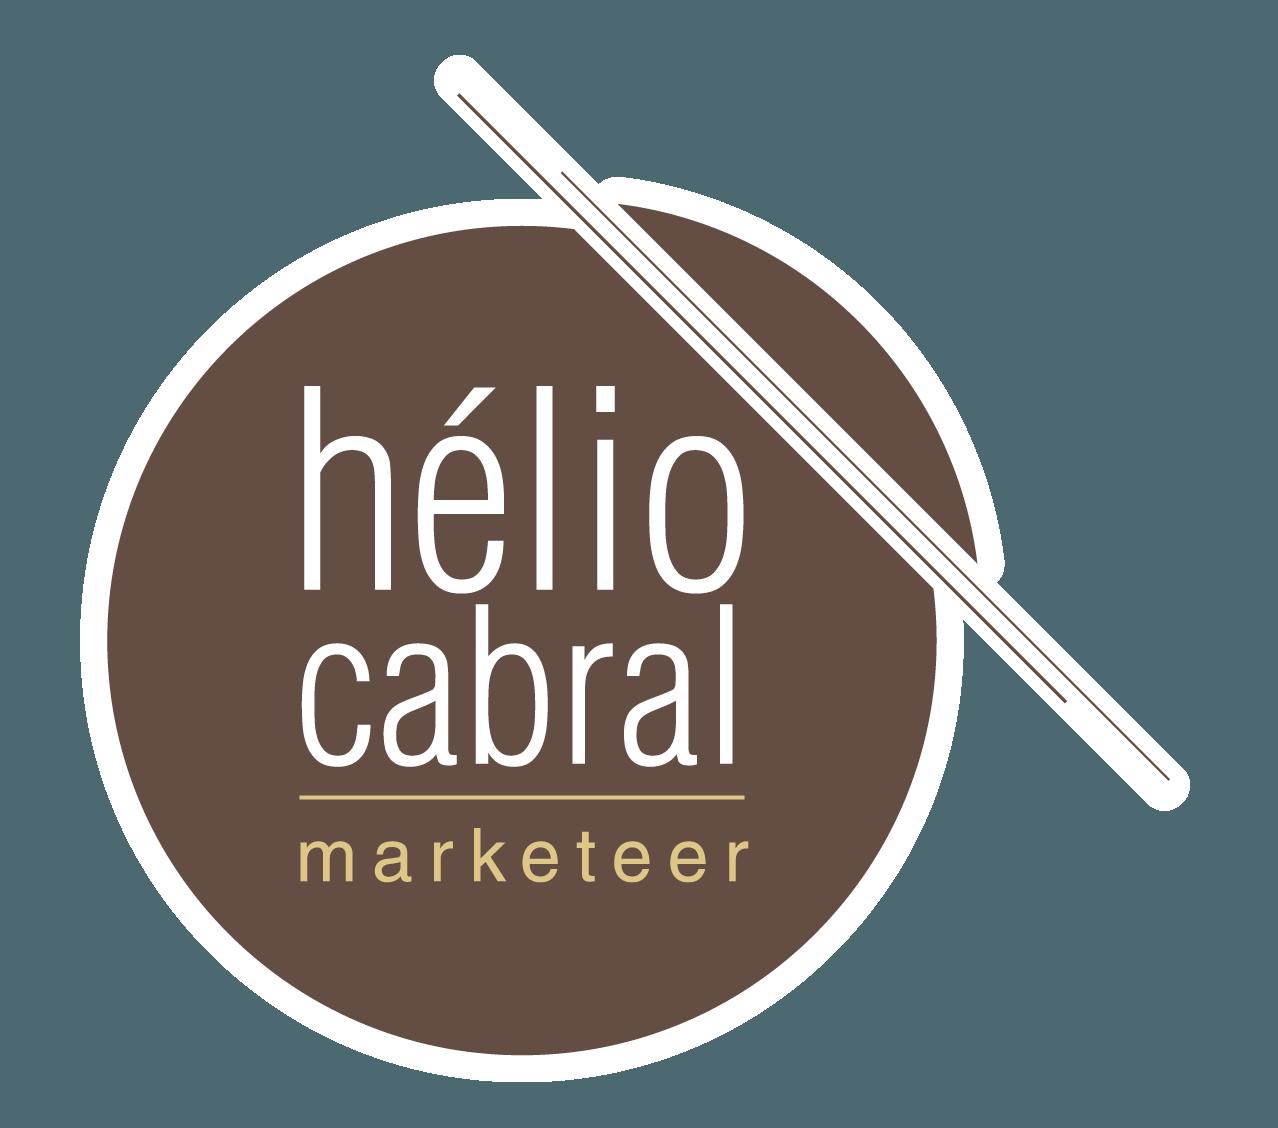 hélio cabral | marketeer